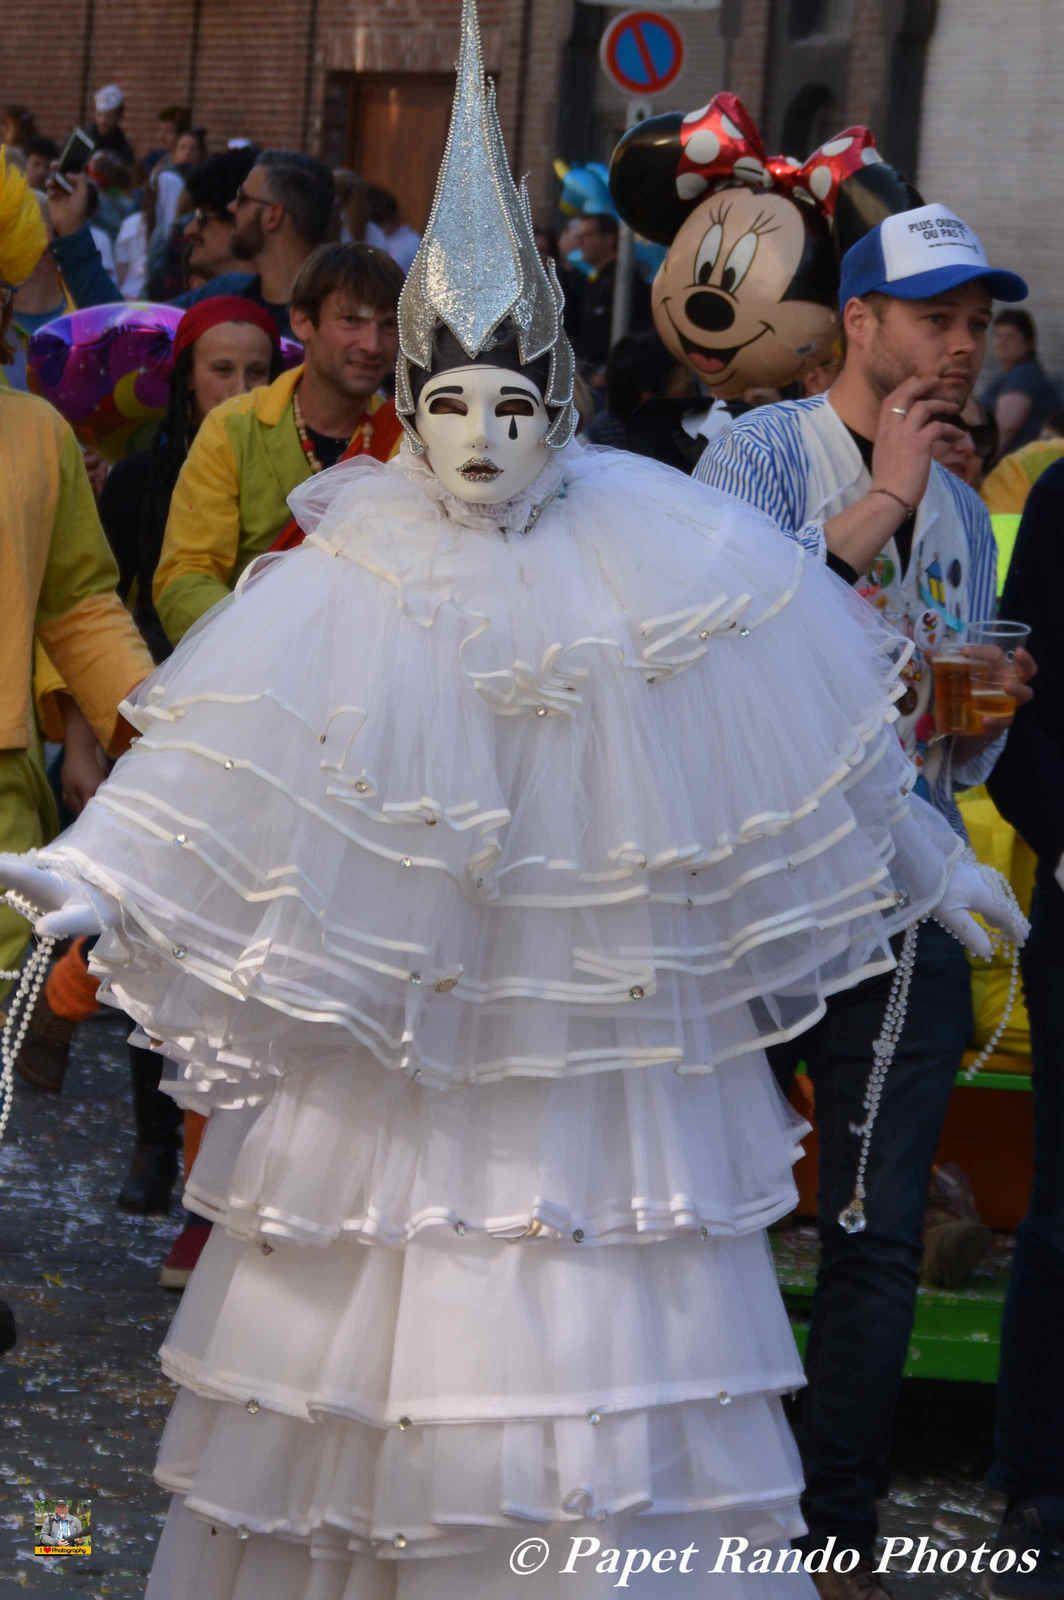 Un Carnaval a voir, avec une Bonne Ambiance, le point fort pour moi, des participants extra, sympa, ( pas toujours le cas, car a des endroits certains ont la grosse tete) un vrai plaisir pour les photographes MERCI